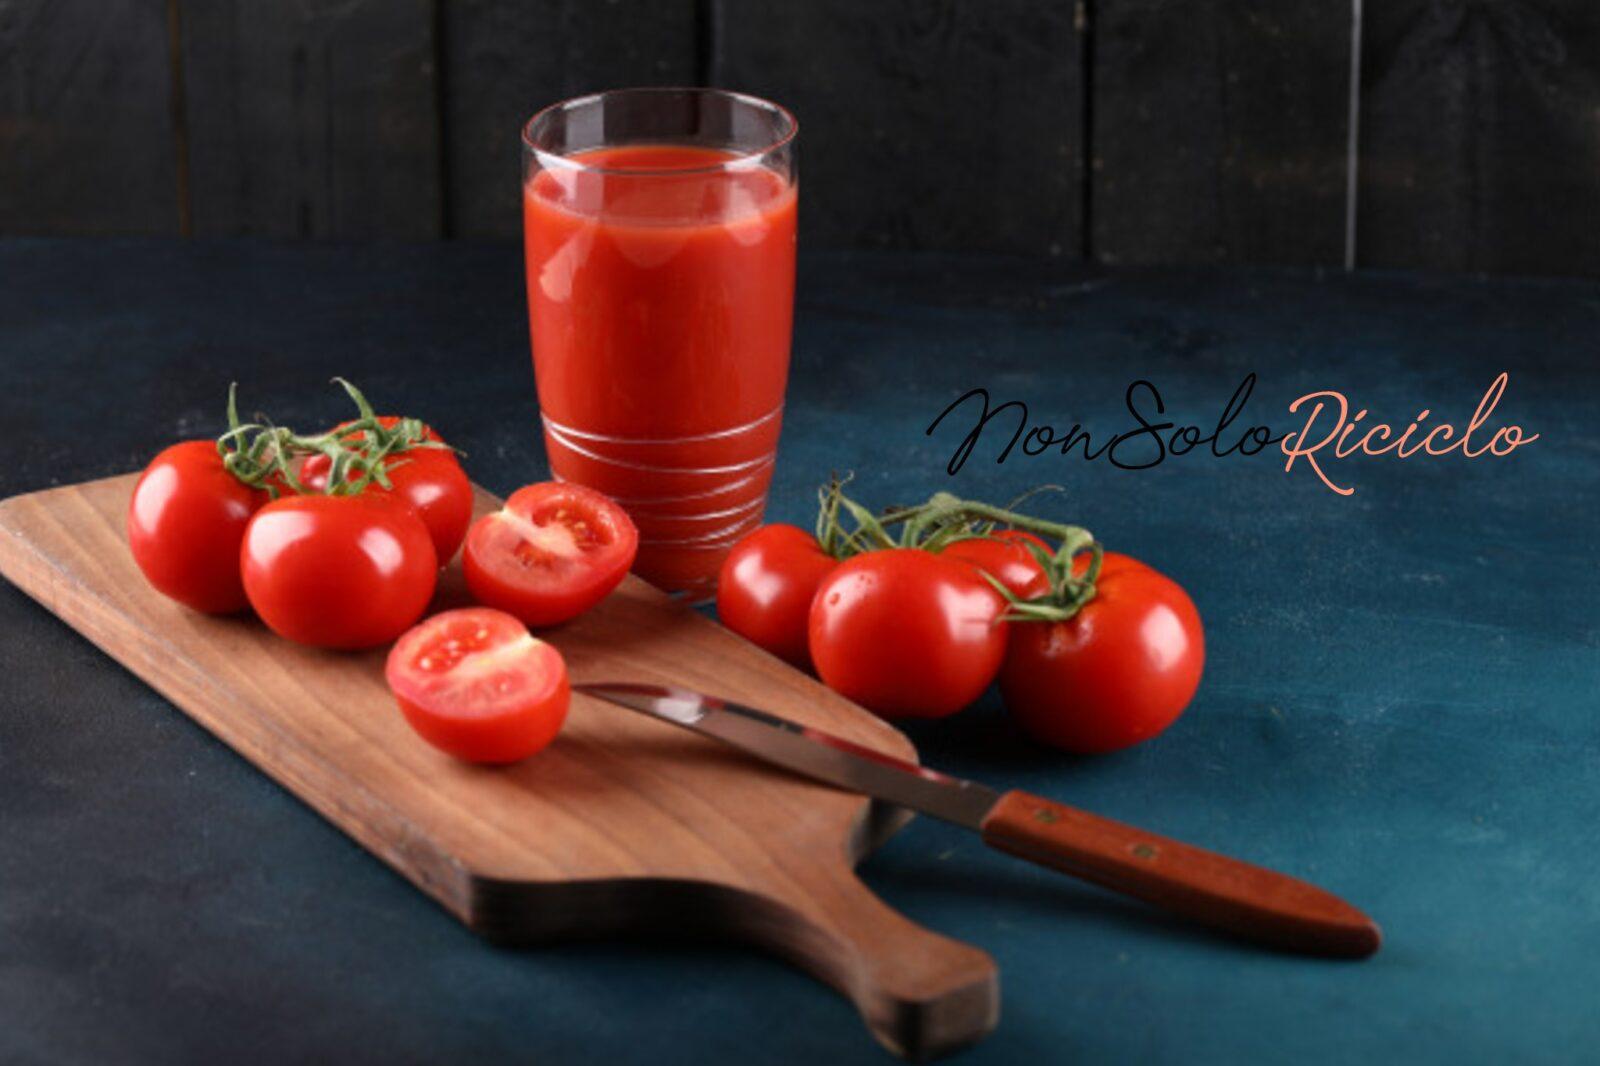 Bevete pomodoro